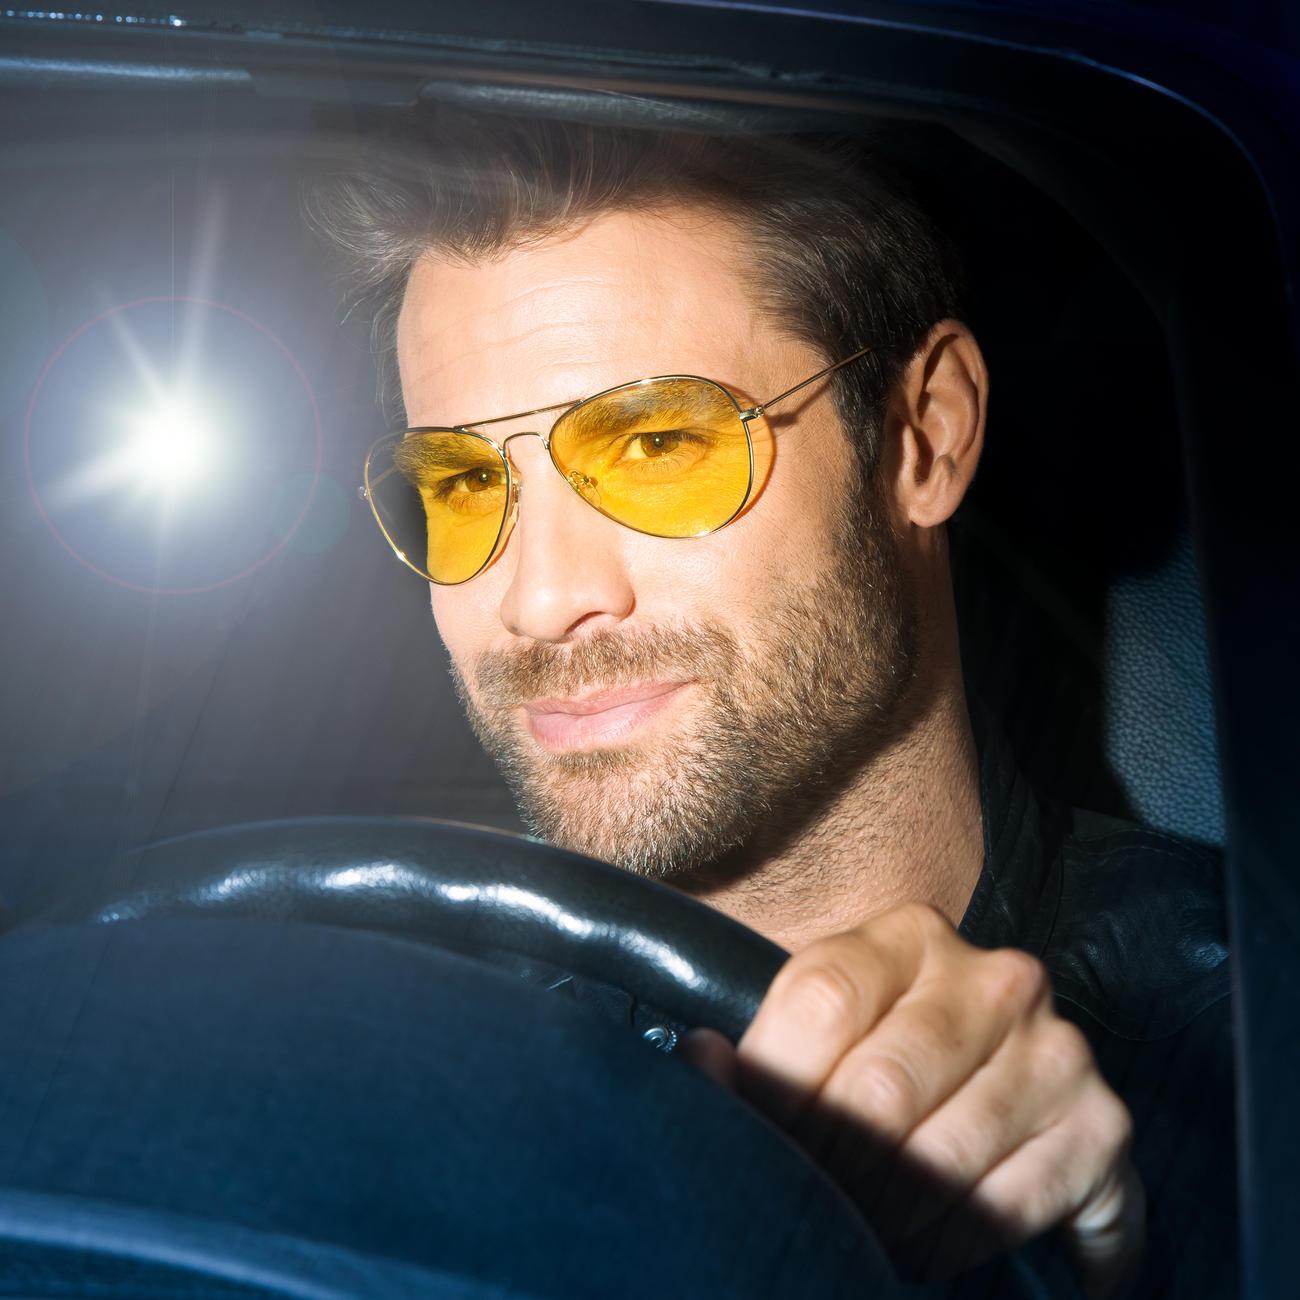 Lunettes ou Clip lunettes de conduite de nuit Eagle Eyes® - Enfin une vue  améliorée lorsque vous conduisez la nuit. Par Eagle Eyes®, USA. 09b918f9eebf